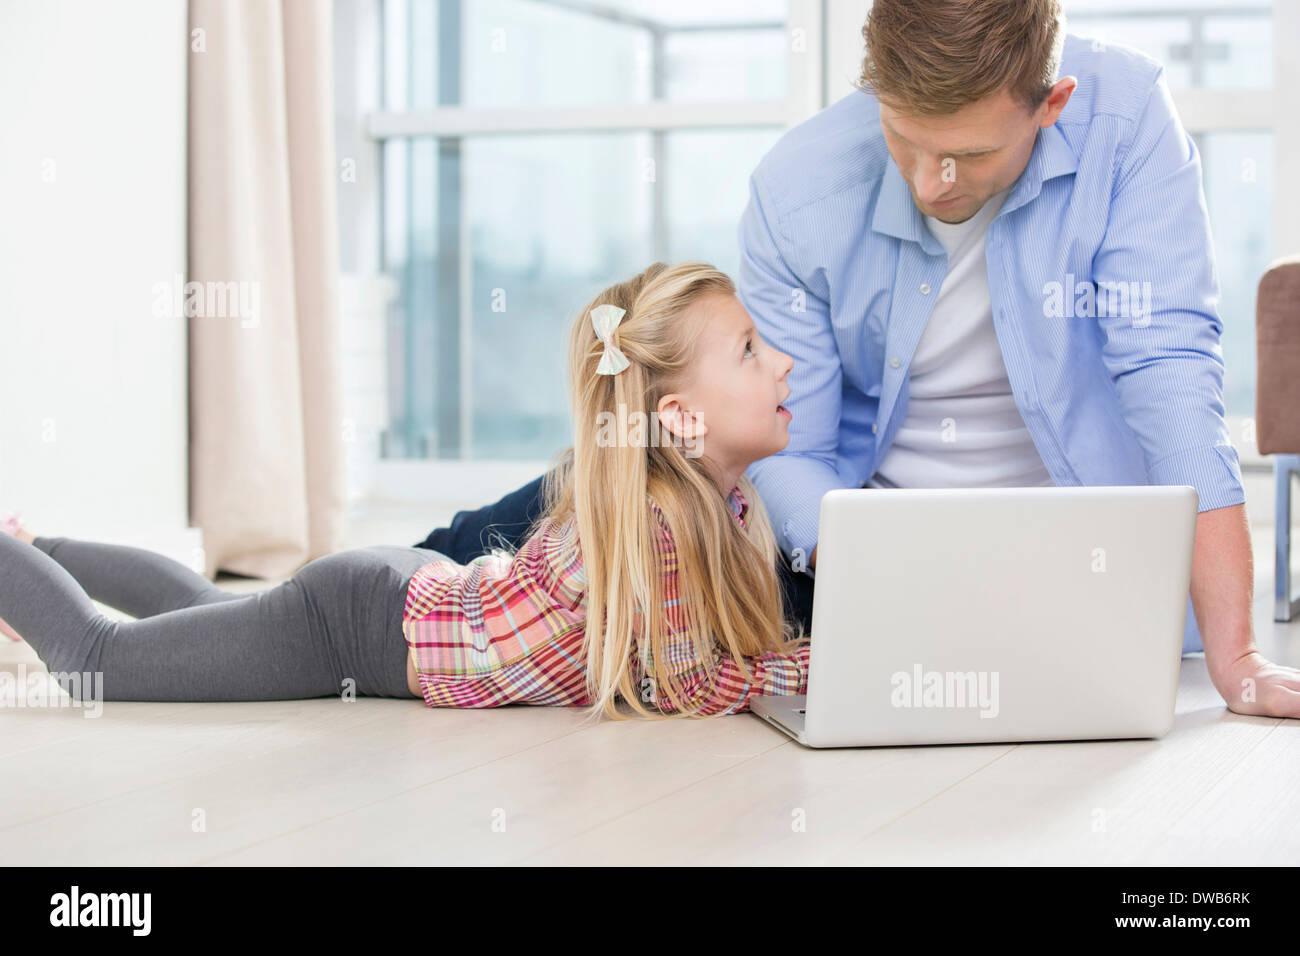 Padre e figlia utilizzando laptop sul pavimento nel soggiorno Immagini Stock